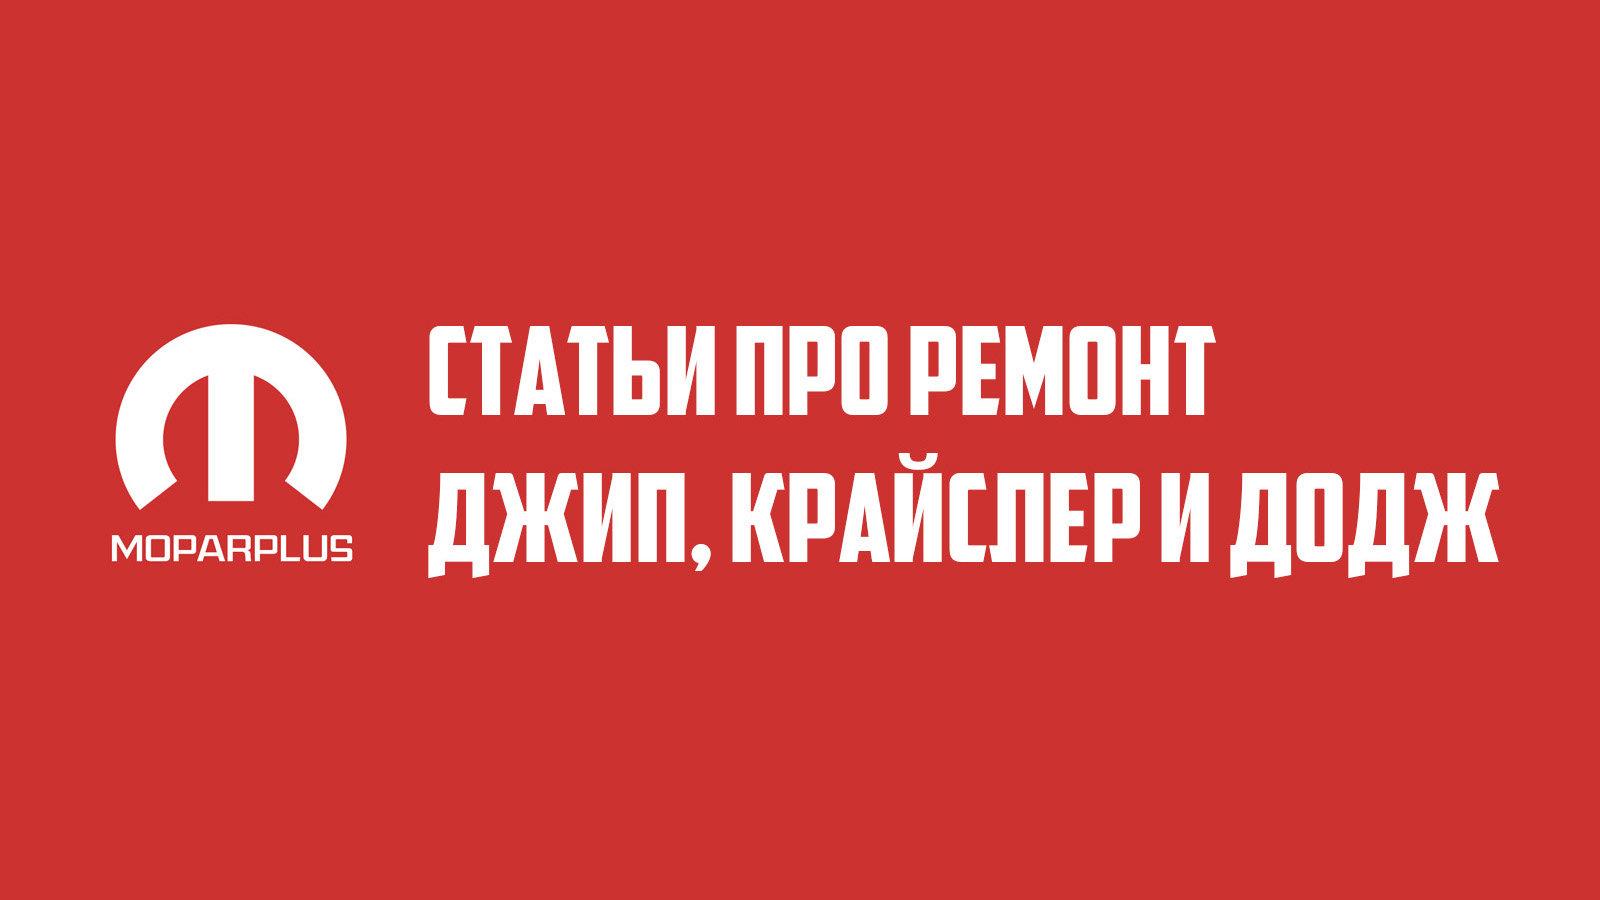 Статьи про ремонт. Выпуск №32.